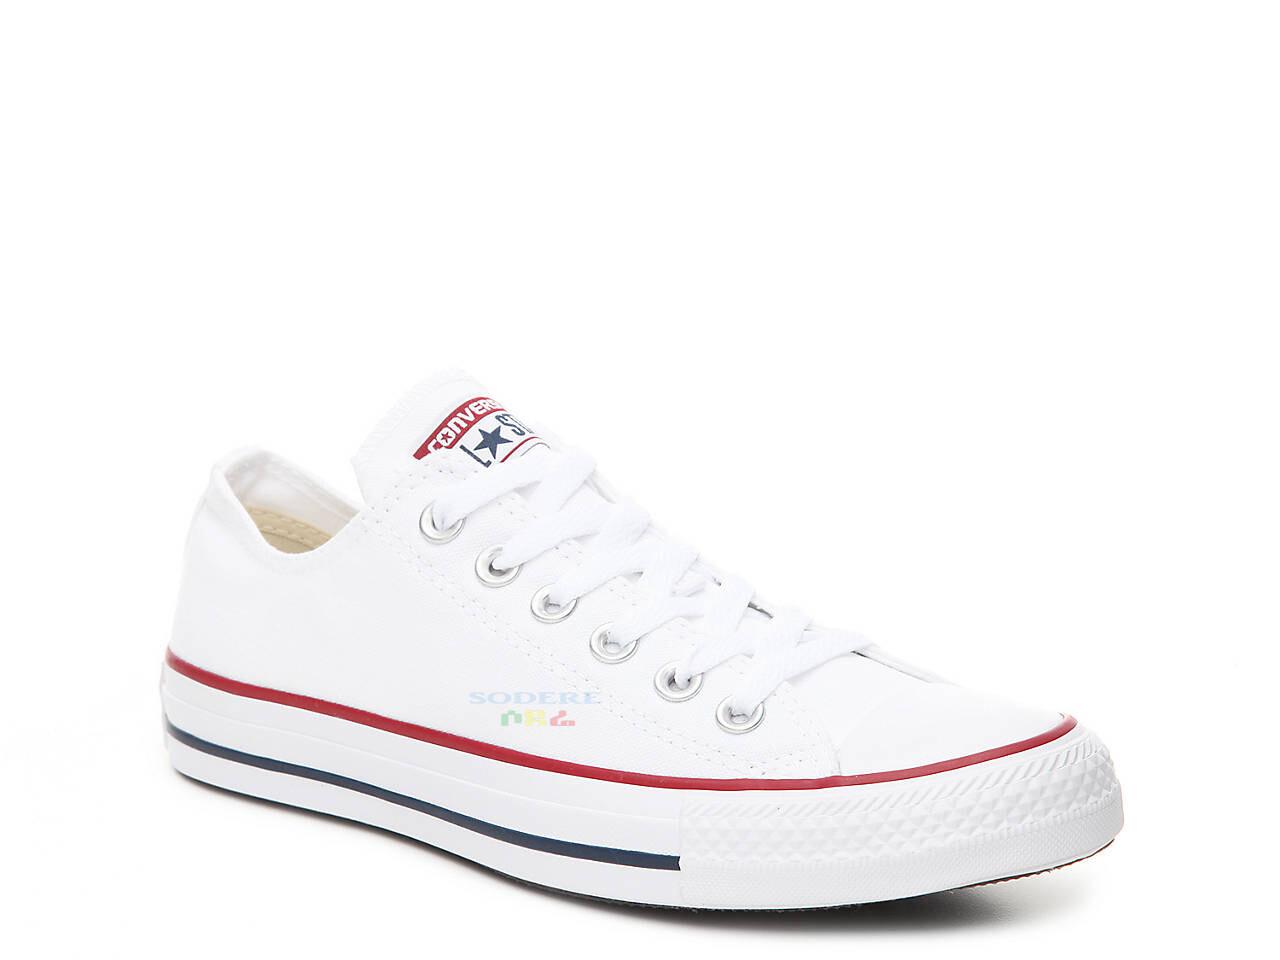 ኦል ስታር ጫማ All Star Shoes